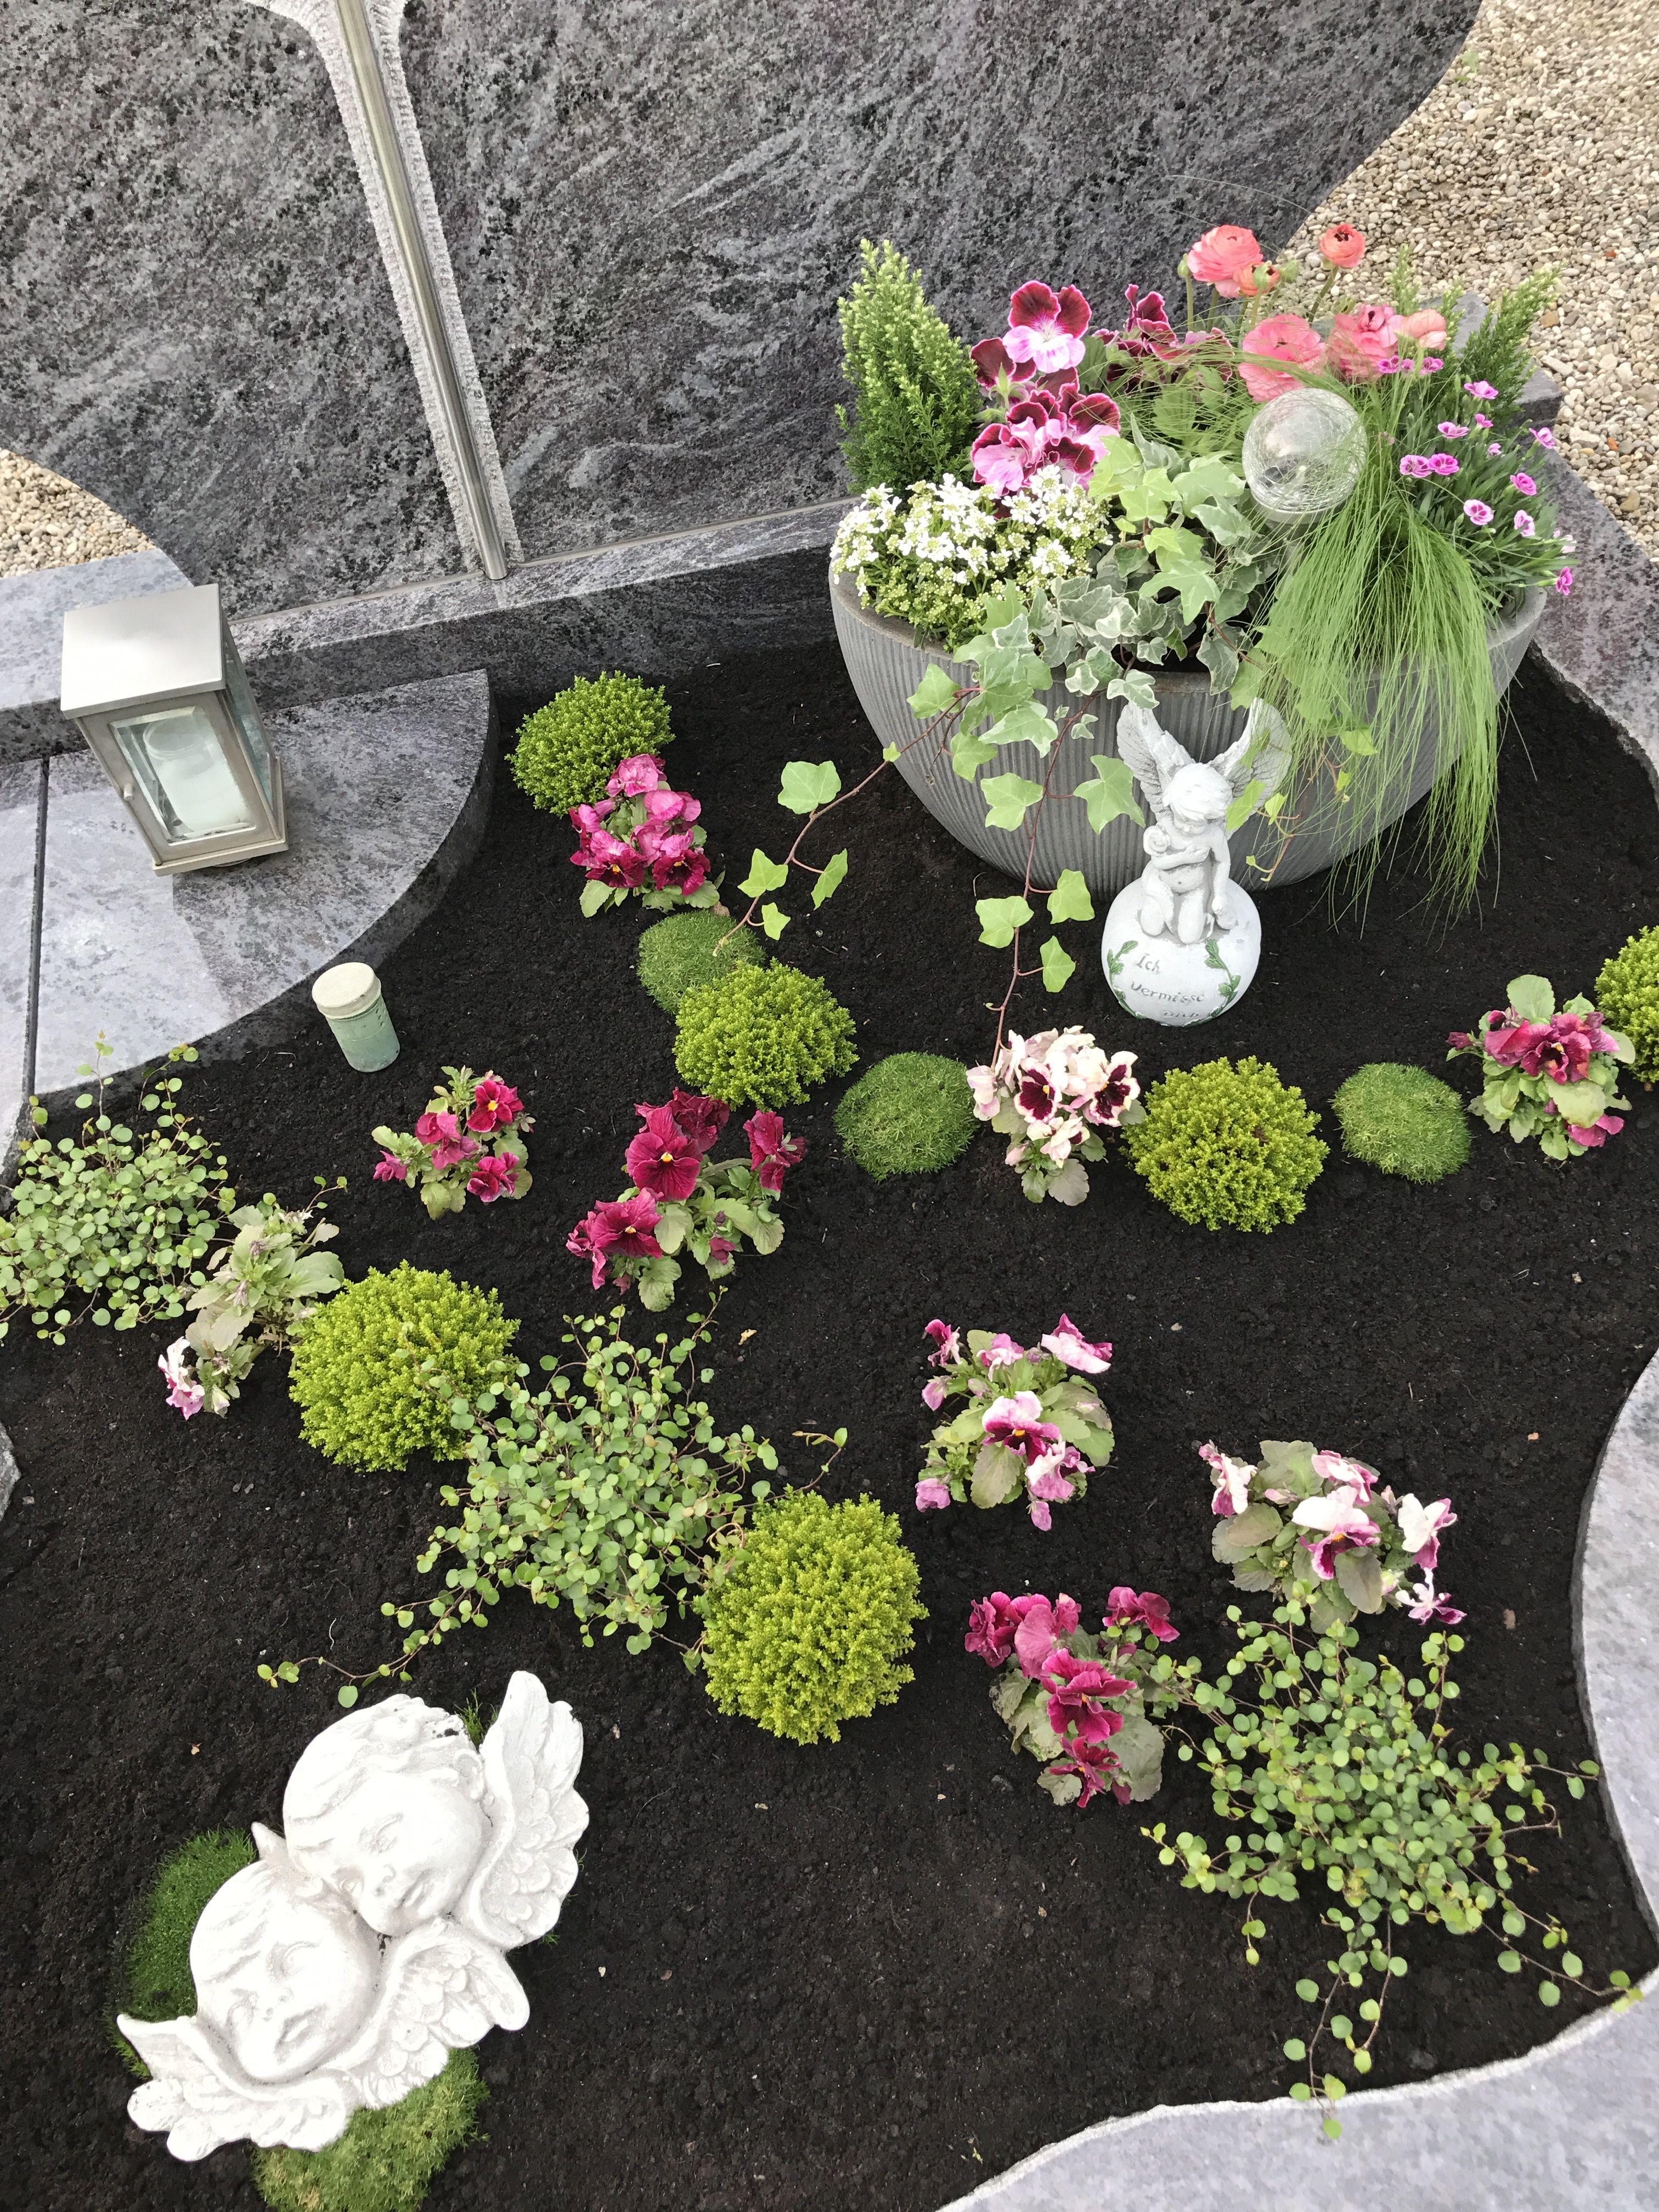 Grabpflege #grabbepflanzungherbst